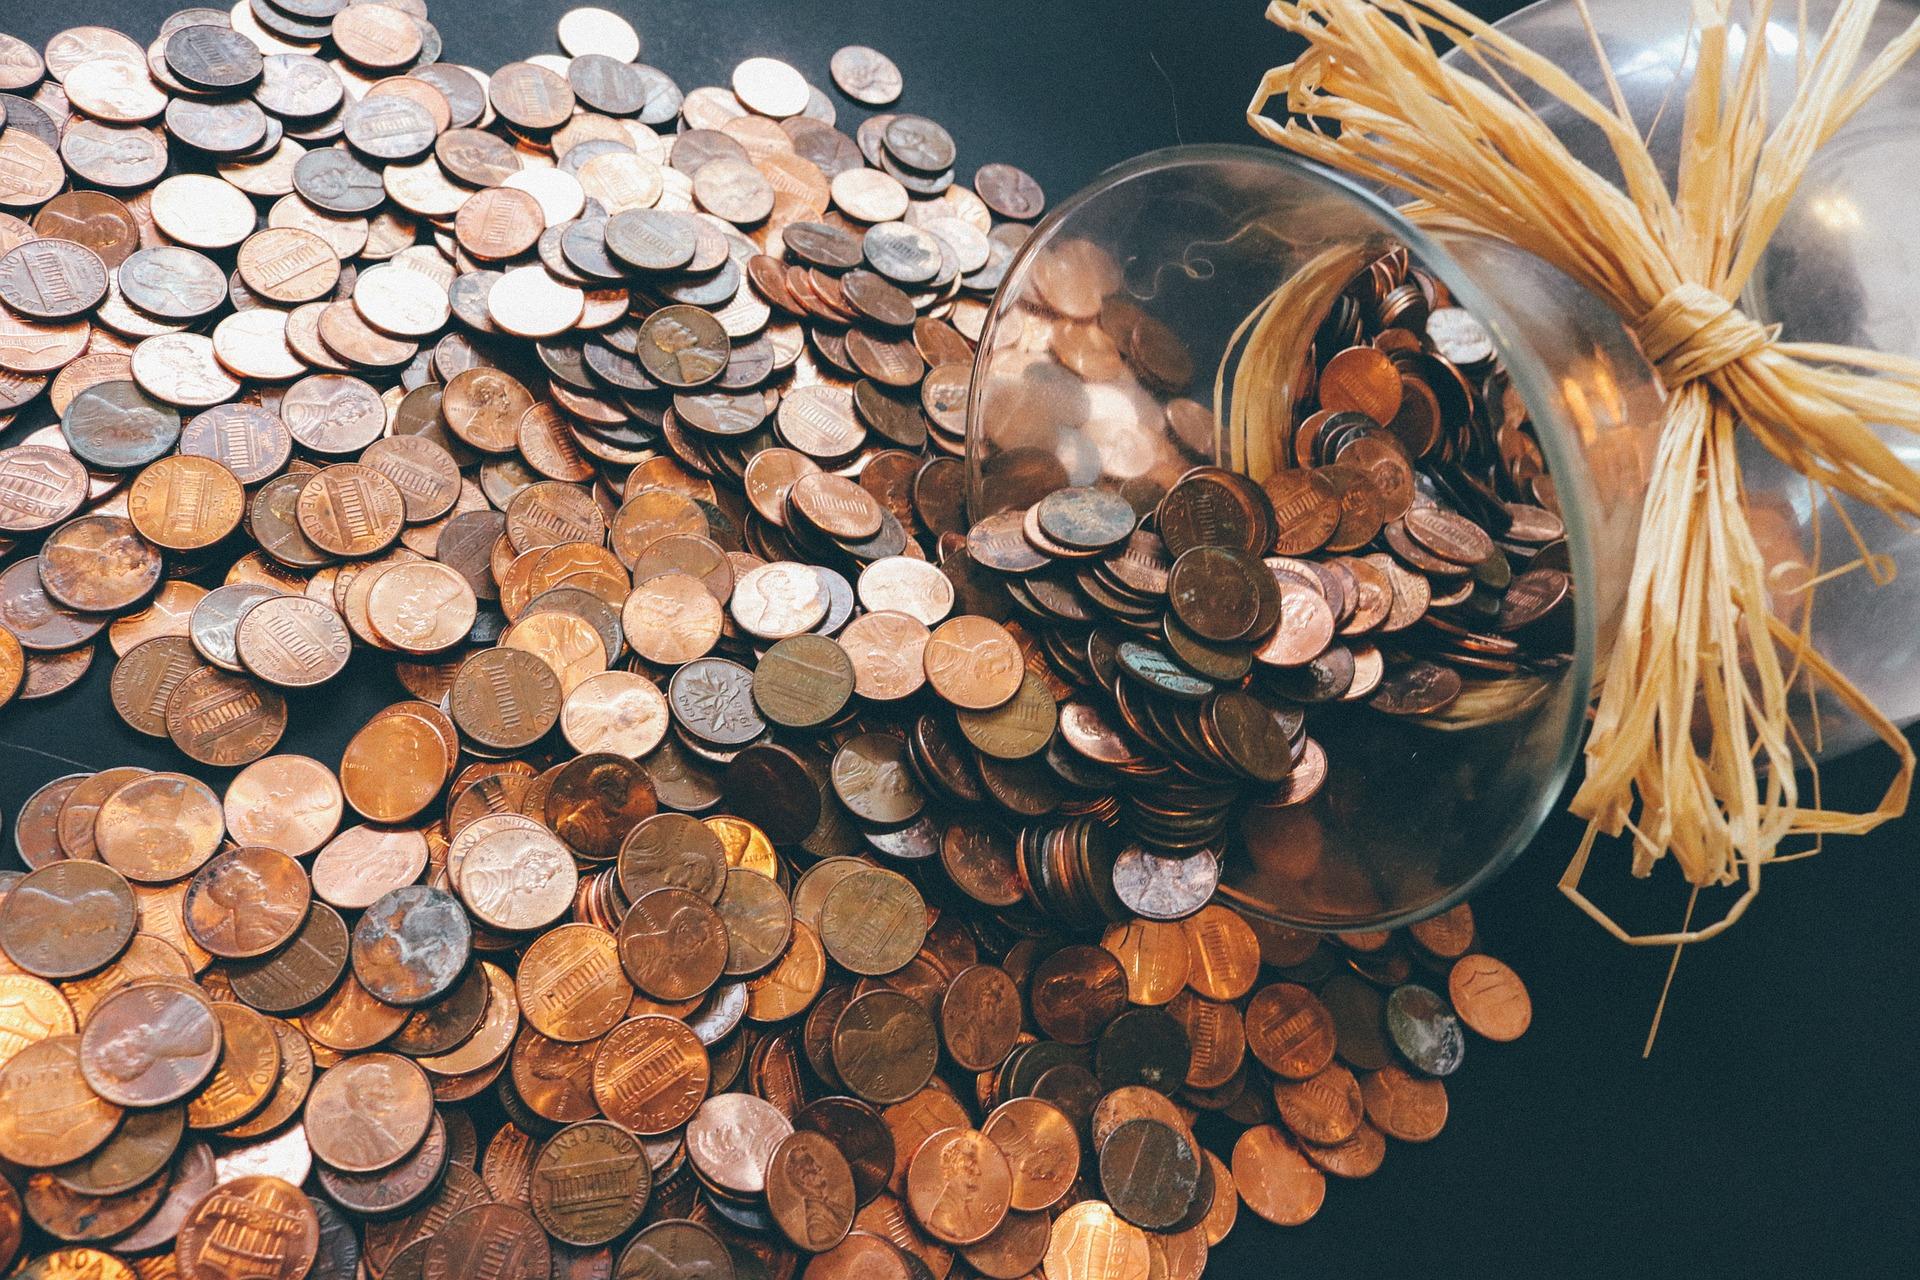 coins-912718_1920